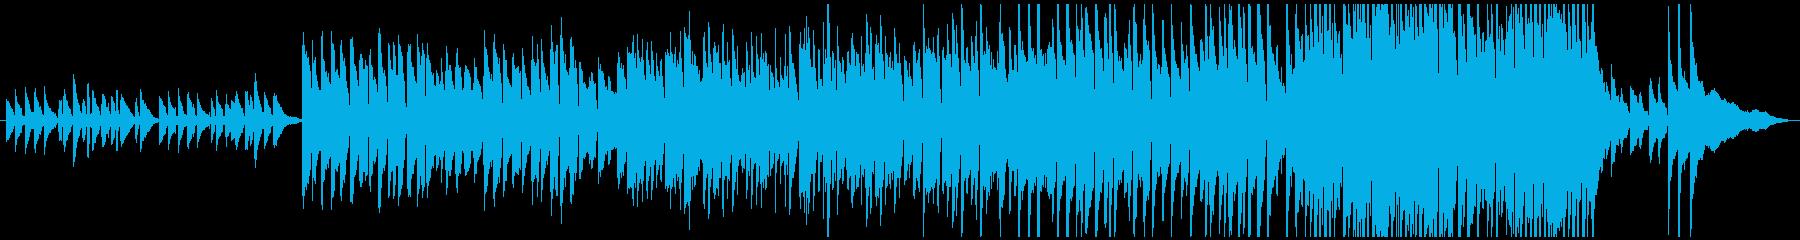 夕焼けをイメージしたピアノメロの曲です!の再生済みの波形